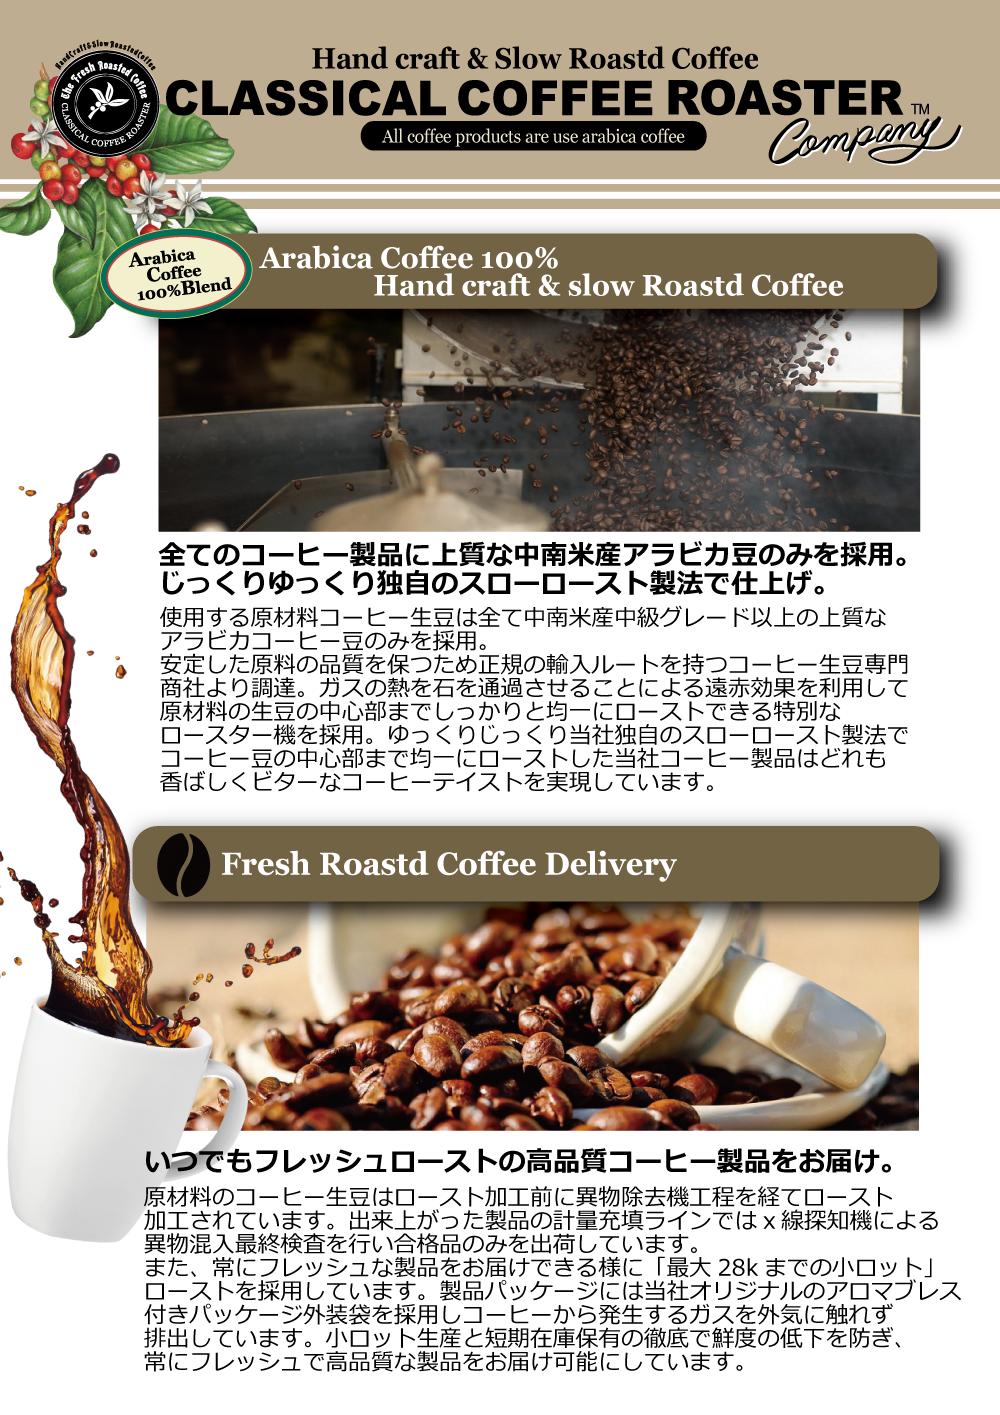 コーヒーストーリー